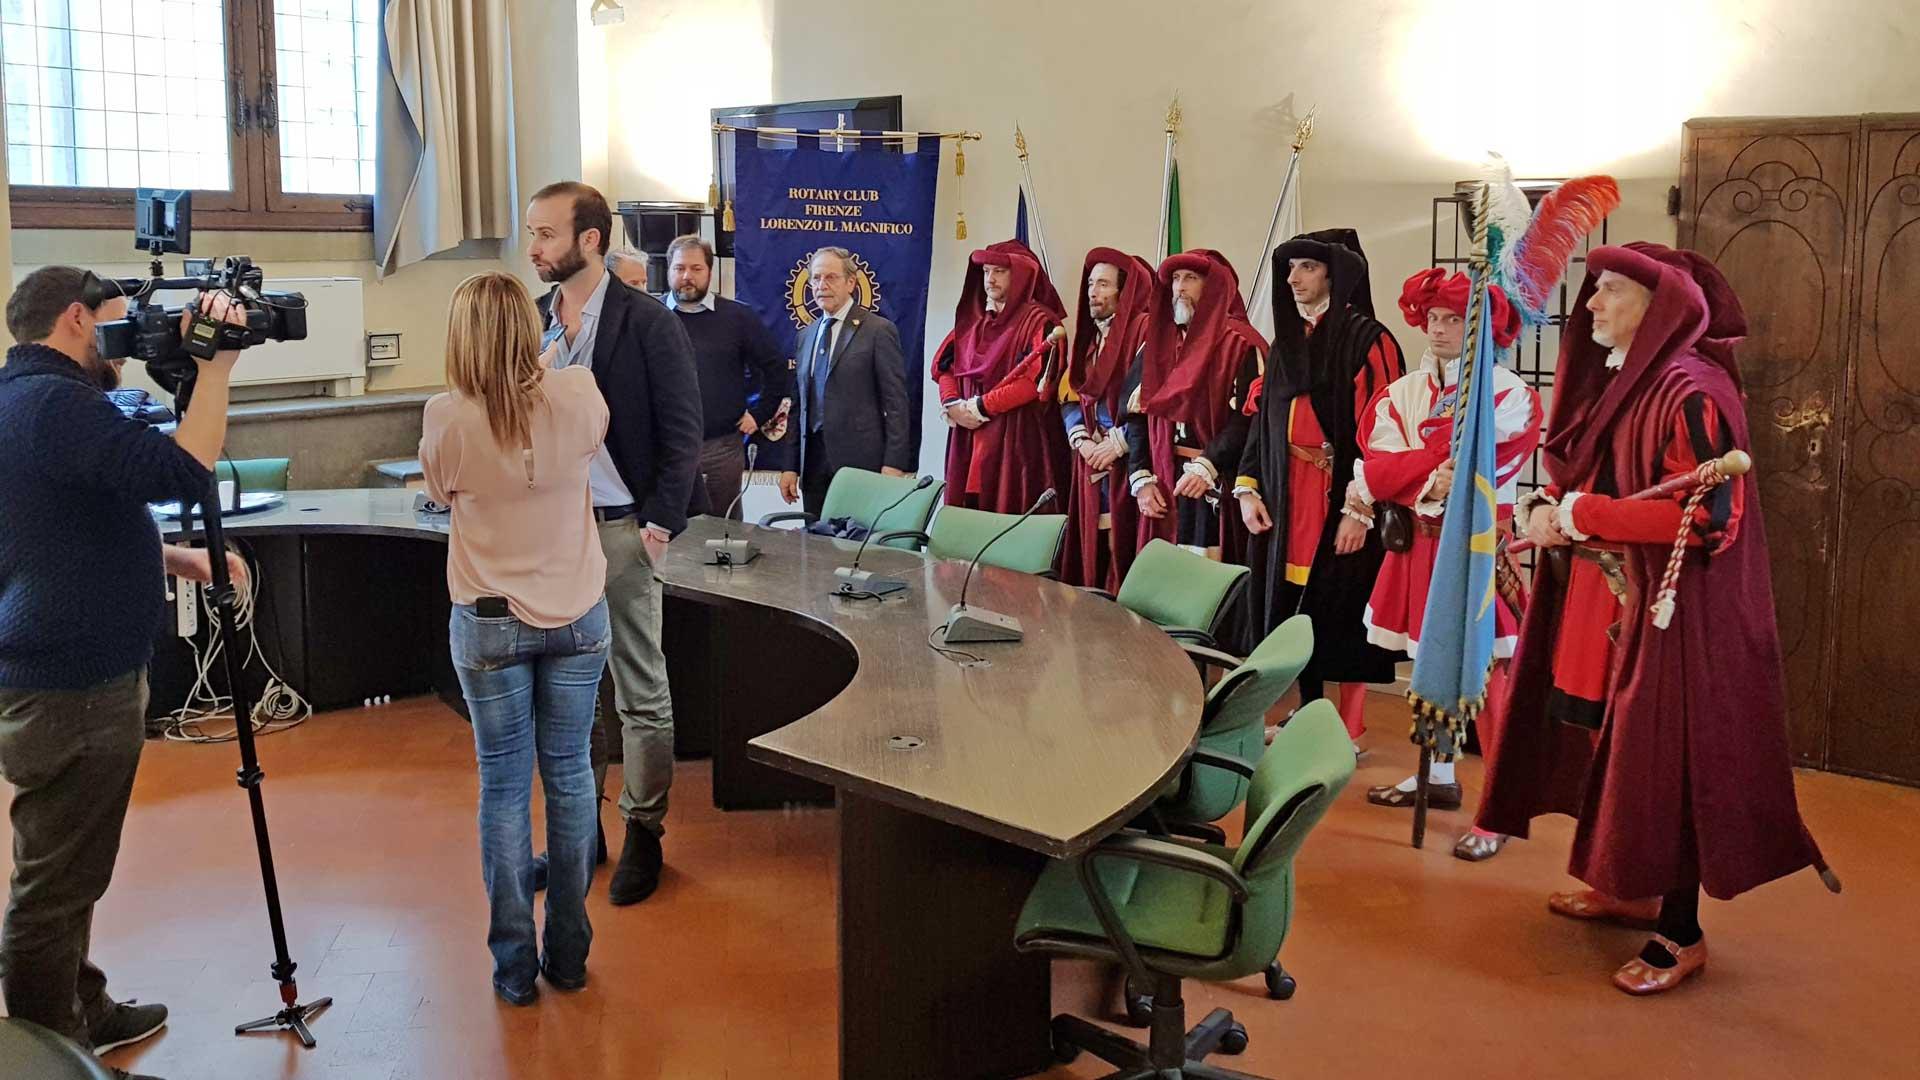 Corteo della Repubblica fiorentina: i nuovi abiti donati dal Rotary Club Lorenzo il Magnifico